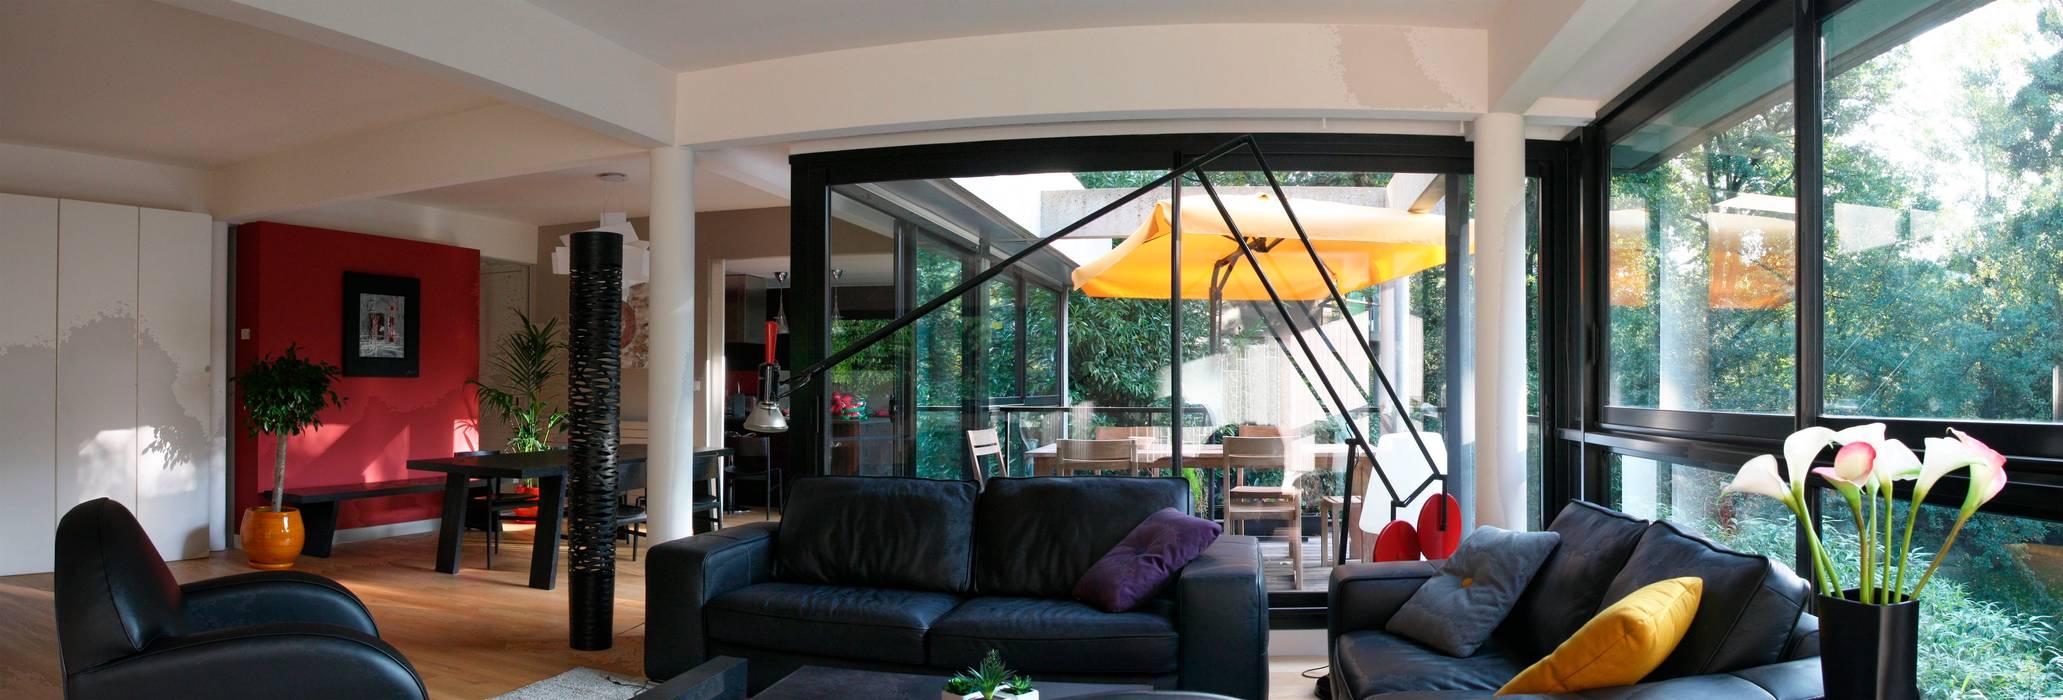 salon Salon moderne par Before After Home Moderne